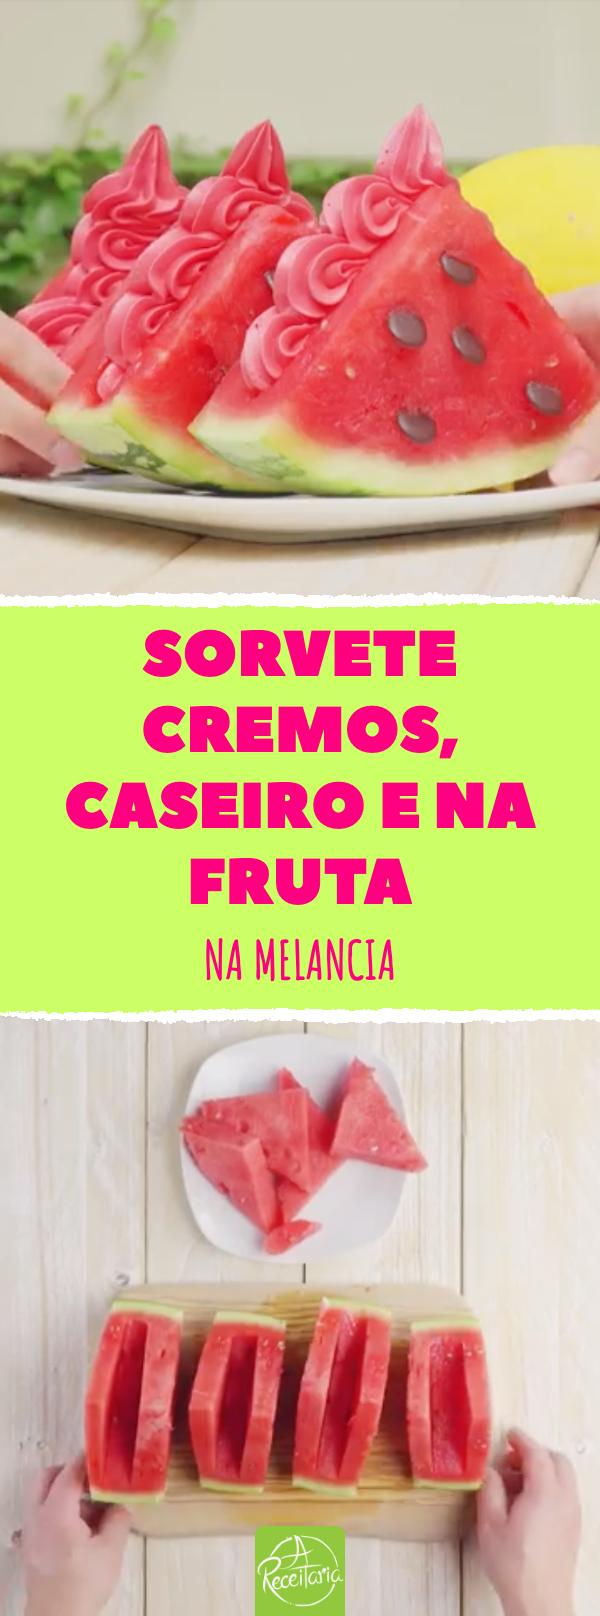 sorvete de melancia caseiro, na fruta #sorvete #sorvetecaseiro #melancia #sobremesadeverao #sorvetedemelancia #sobremesa